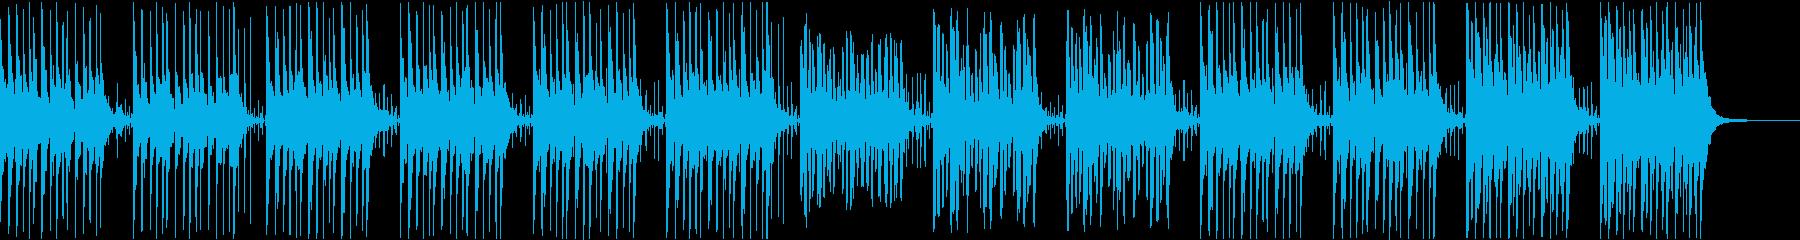 ピチカートとパーカッションのコメディオーの再生済みの波形